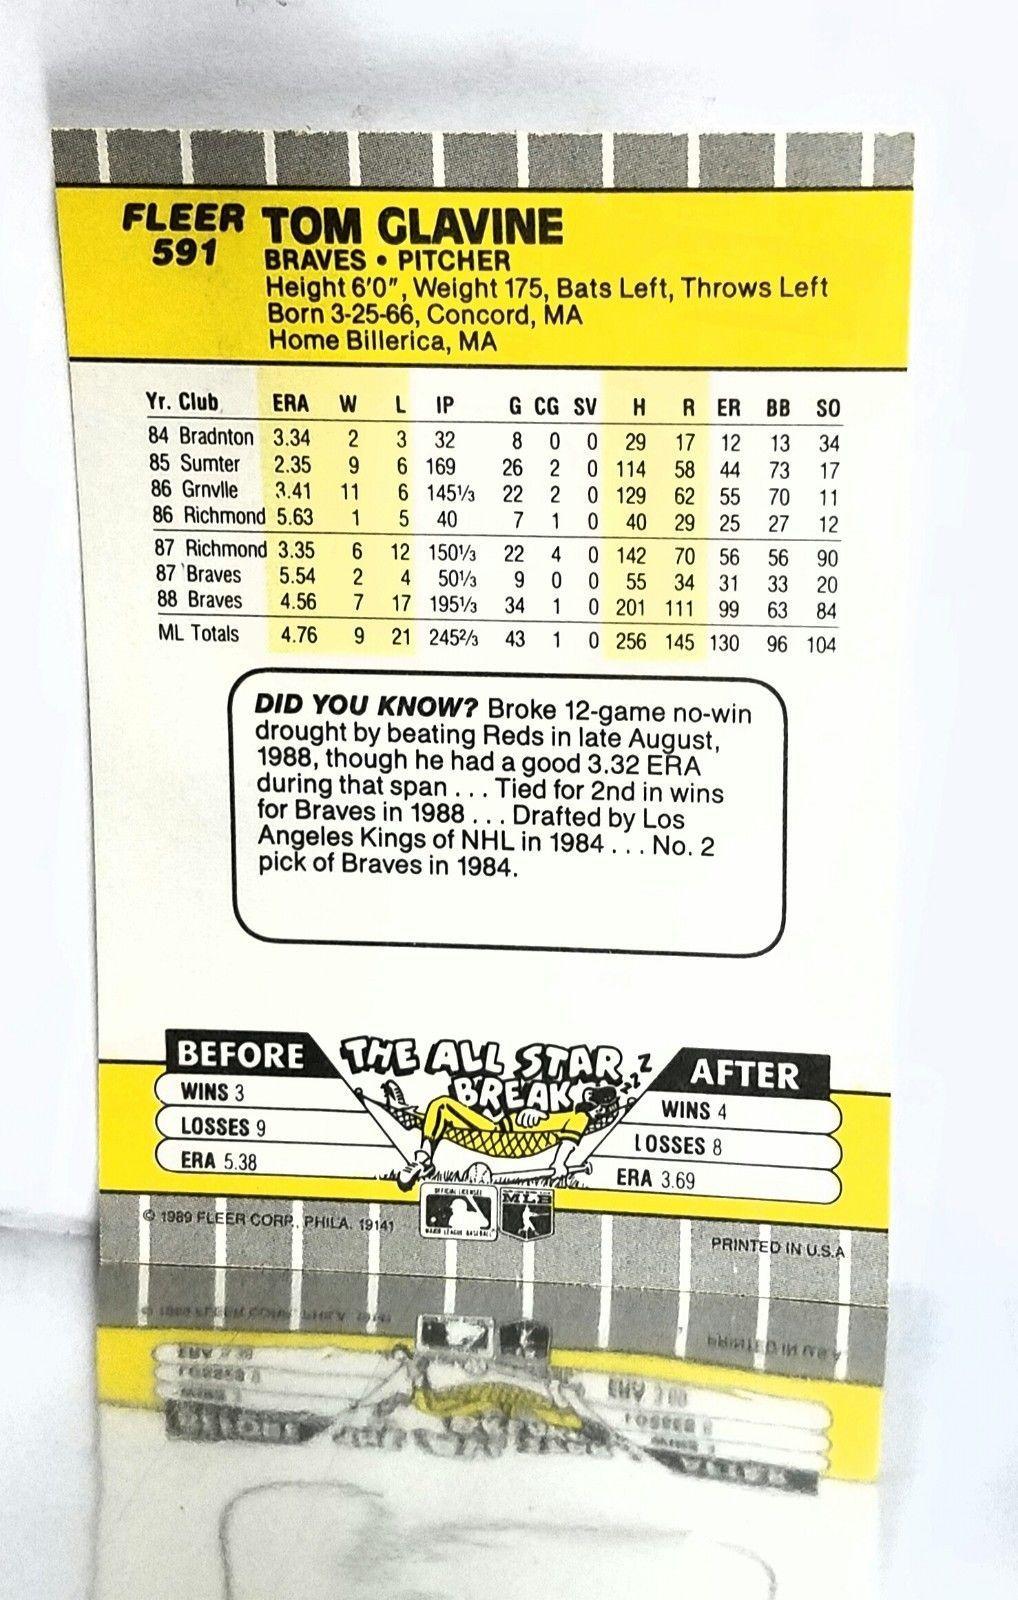 1989 Fleer #591 Tom Glavine, HOF Pitching Ace Atlanta Braves, 2nd Yr Card NM-MT